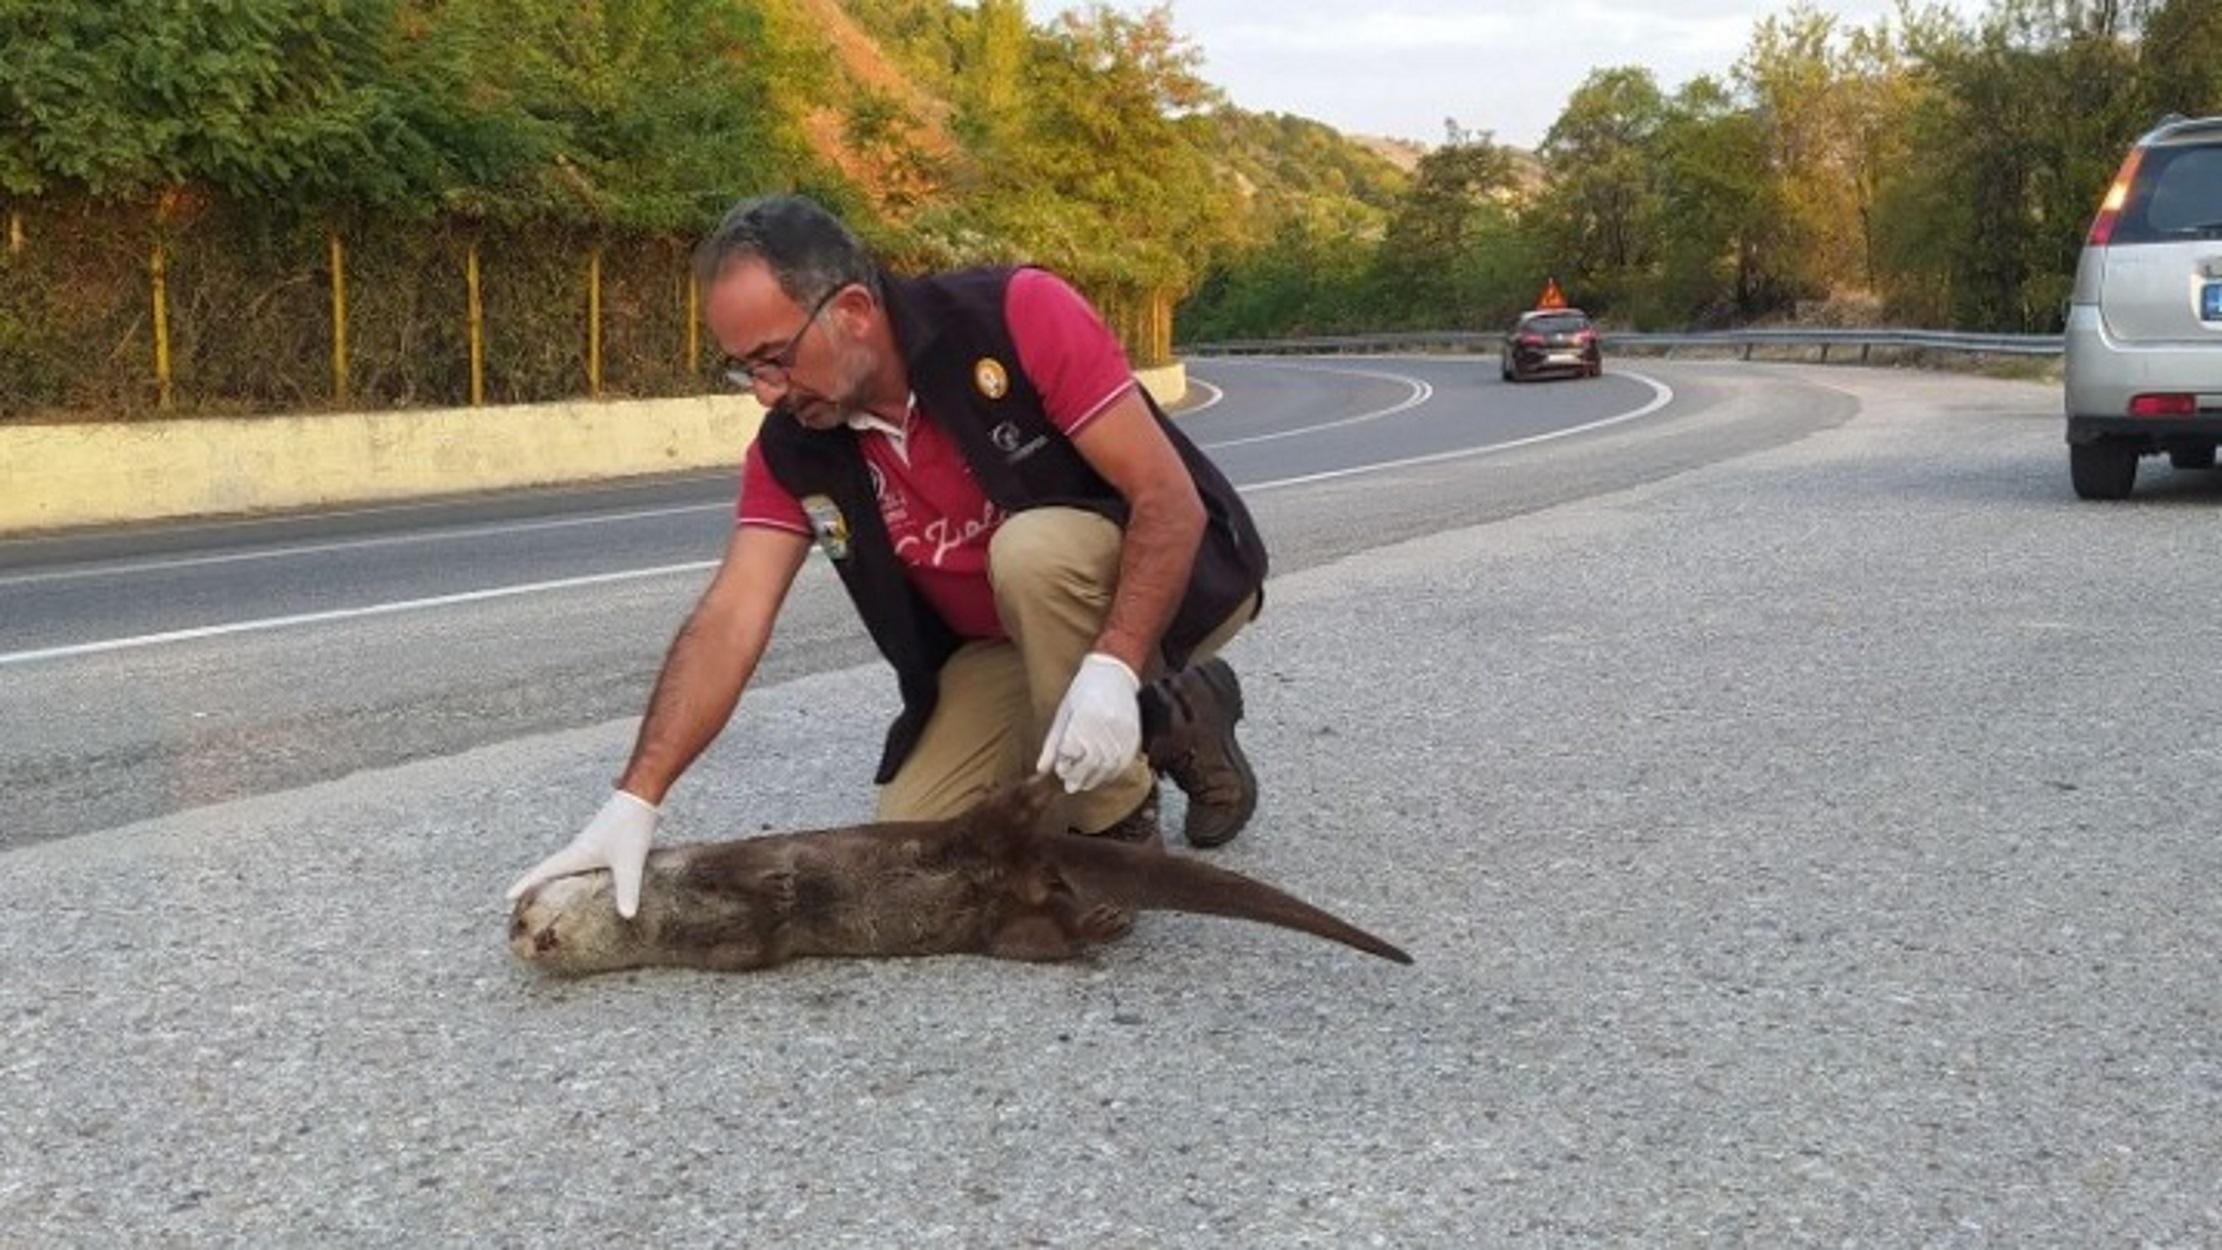 Καστοριά: Νεκρή βίδρα στη μέση της ασφάλτου (pic)